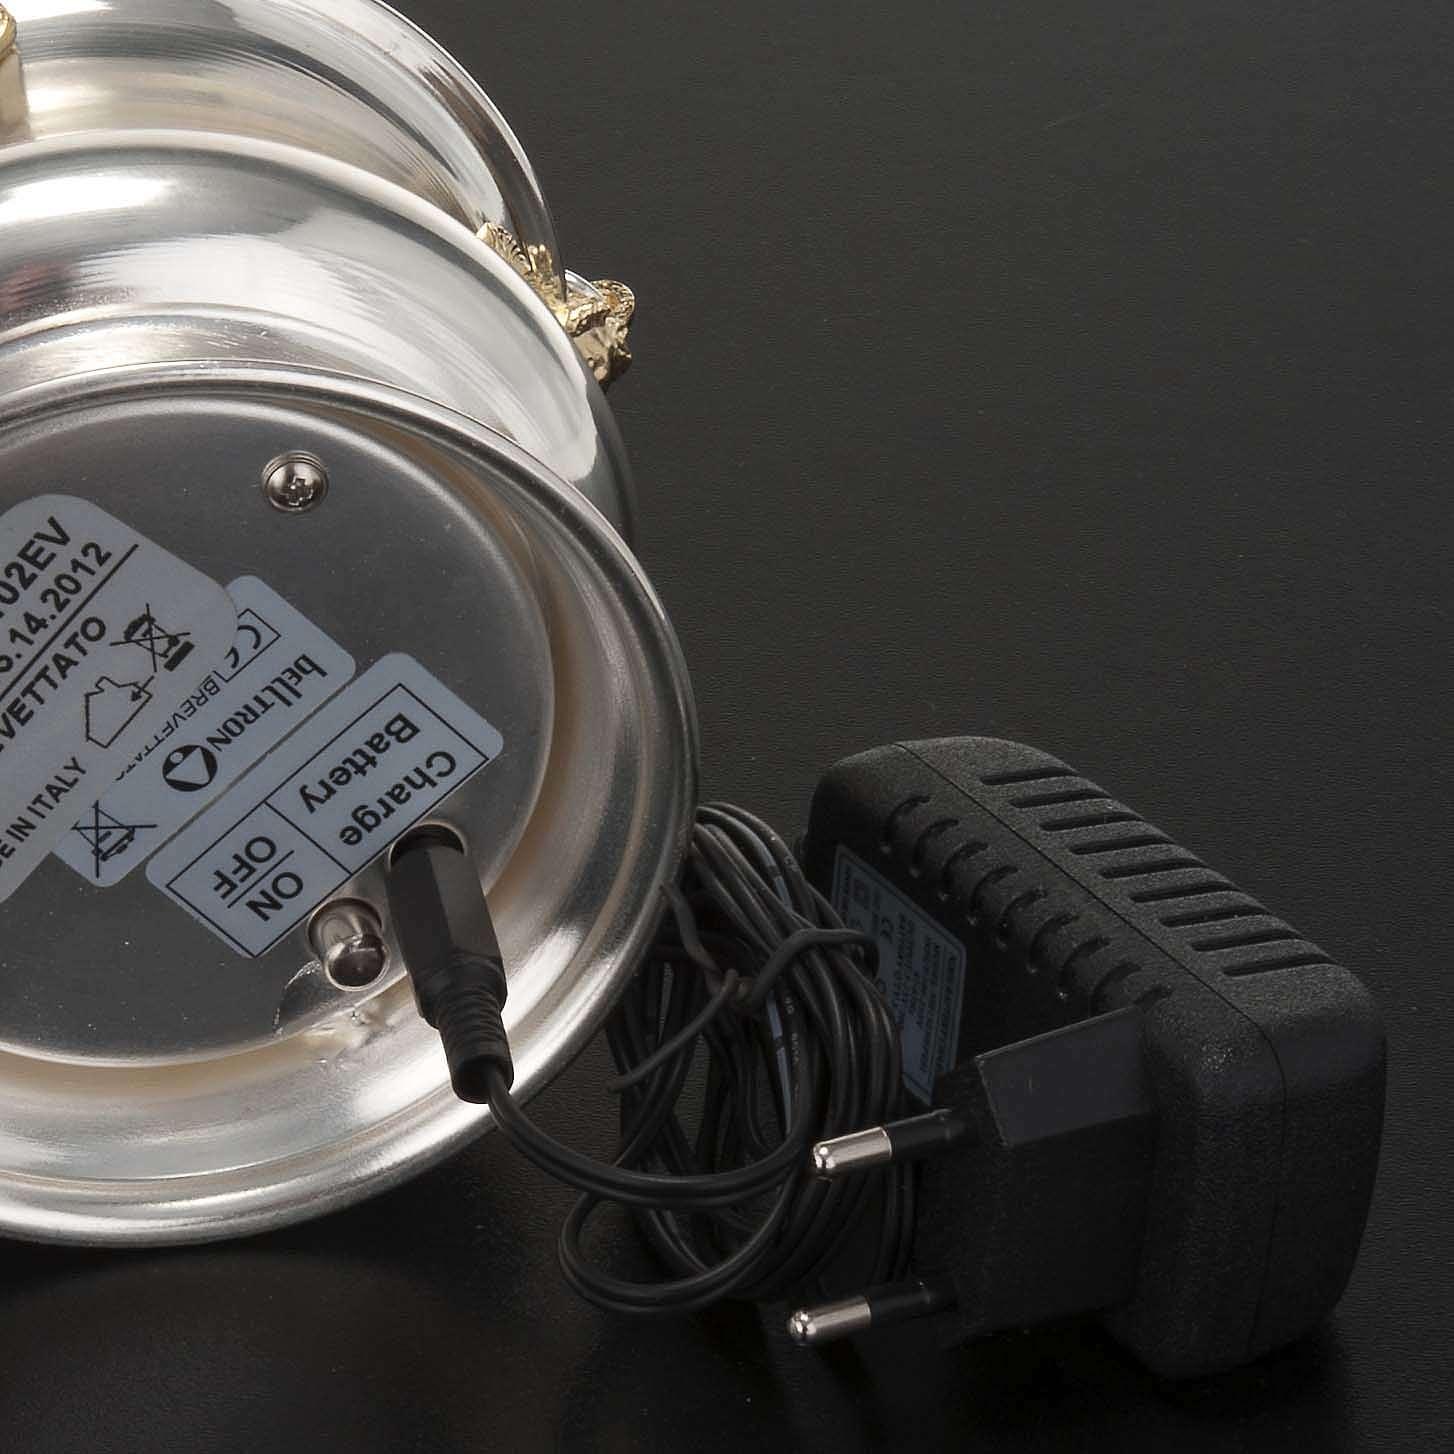 Encensoir avec encensoir électronique et navette 3